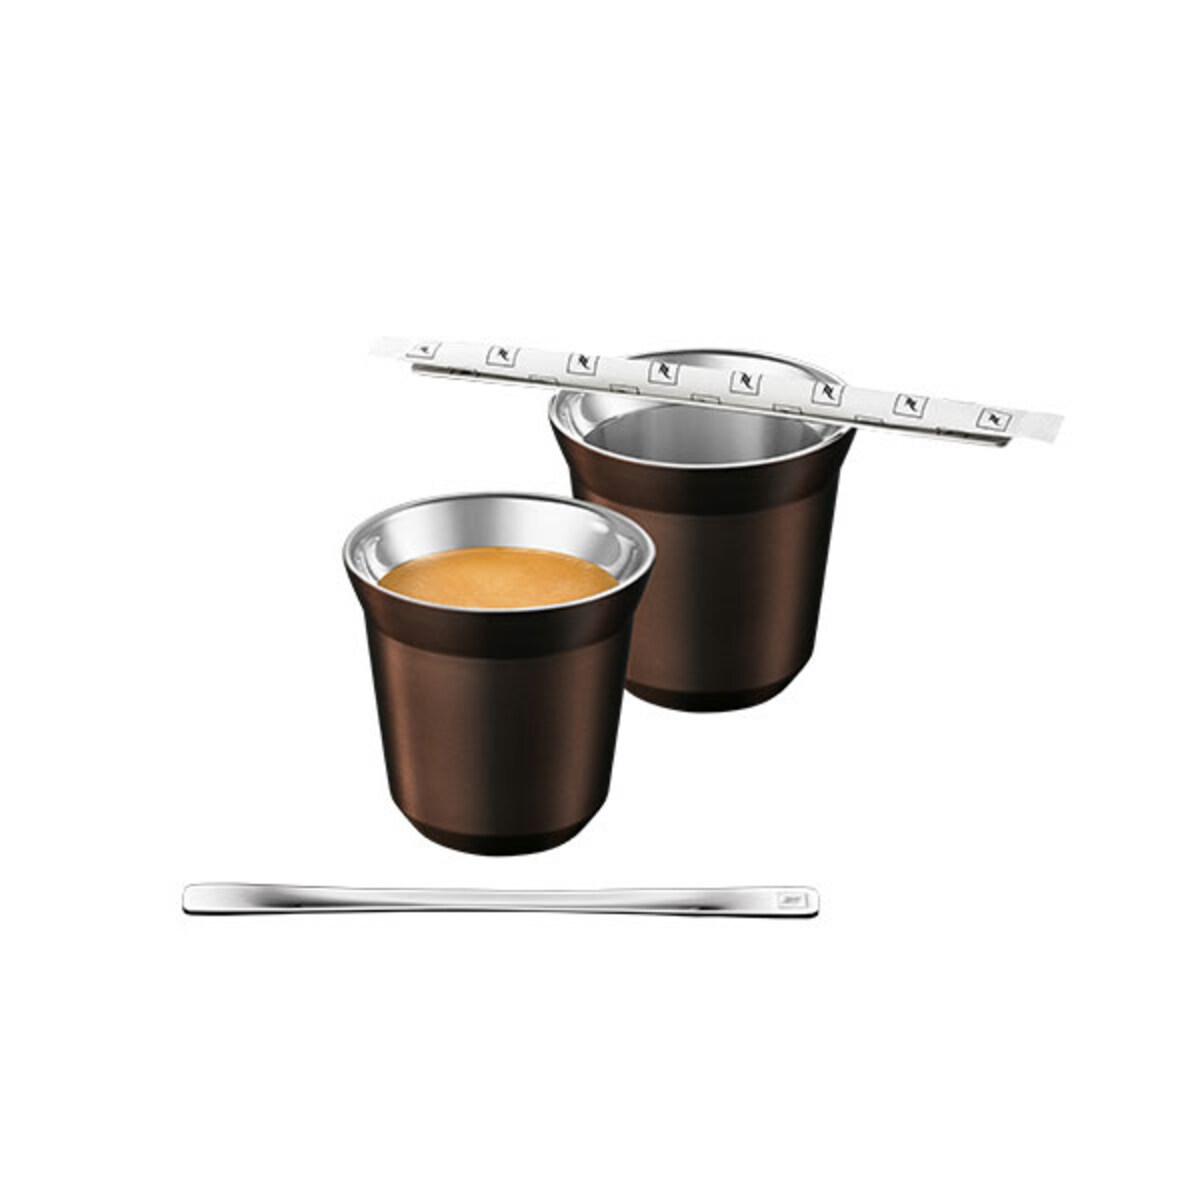 Nespresso чаши Pixie Espresso Cosi